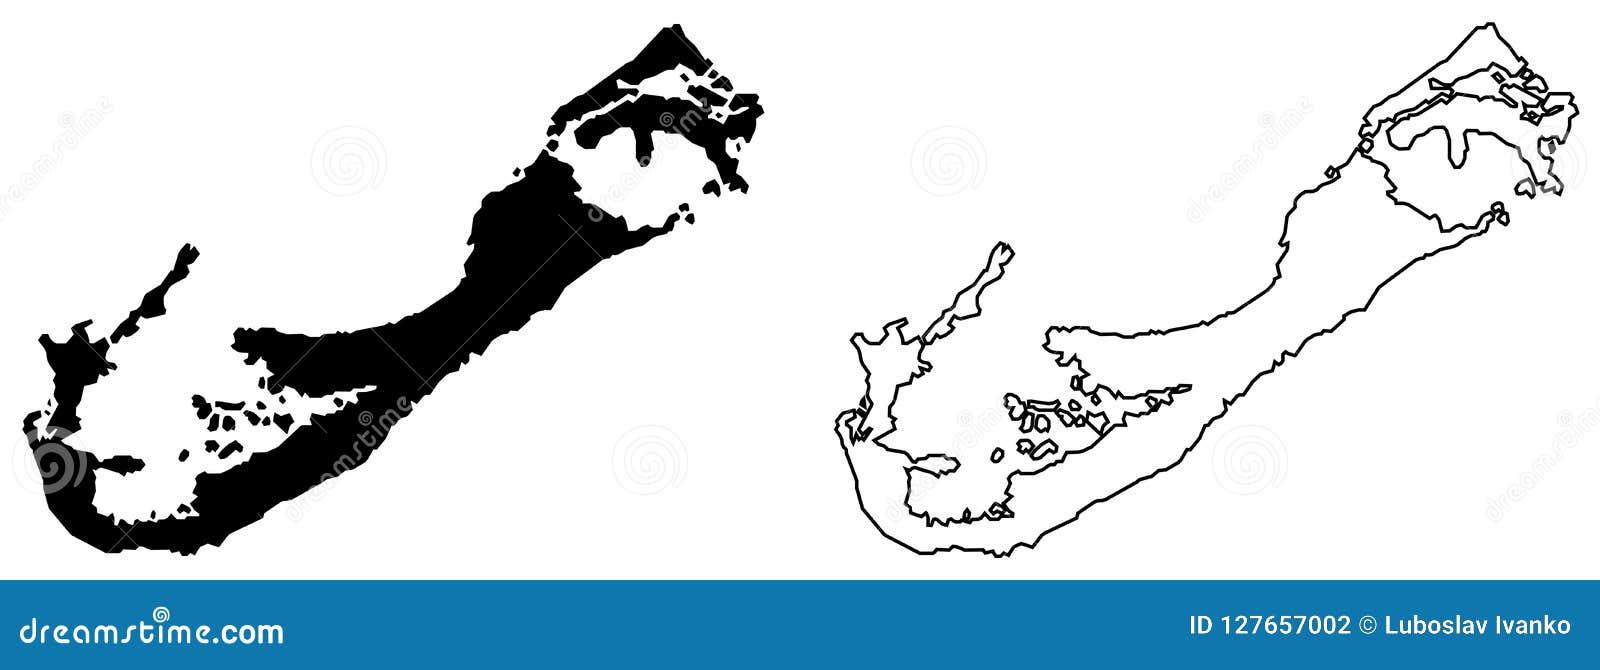 百慕大传染媒介图画仅简单的锋利的角落地图  木鲁旰